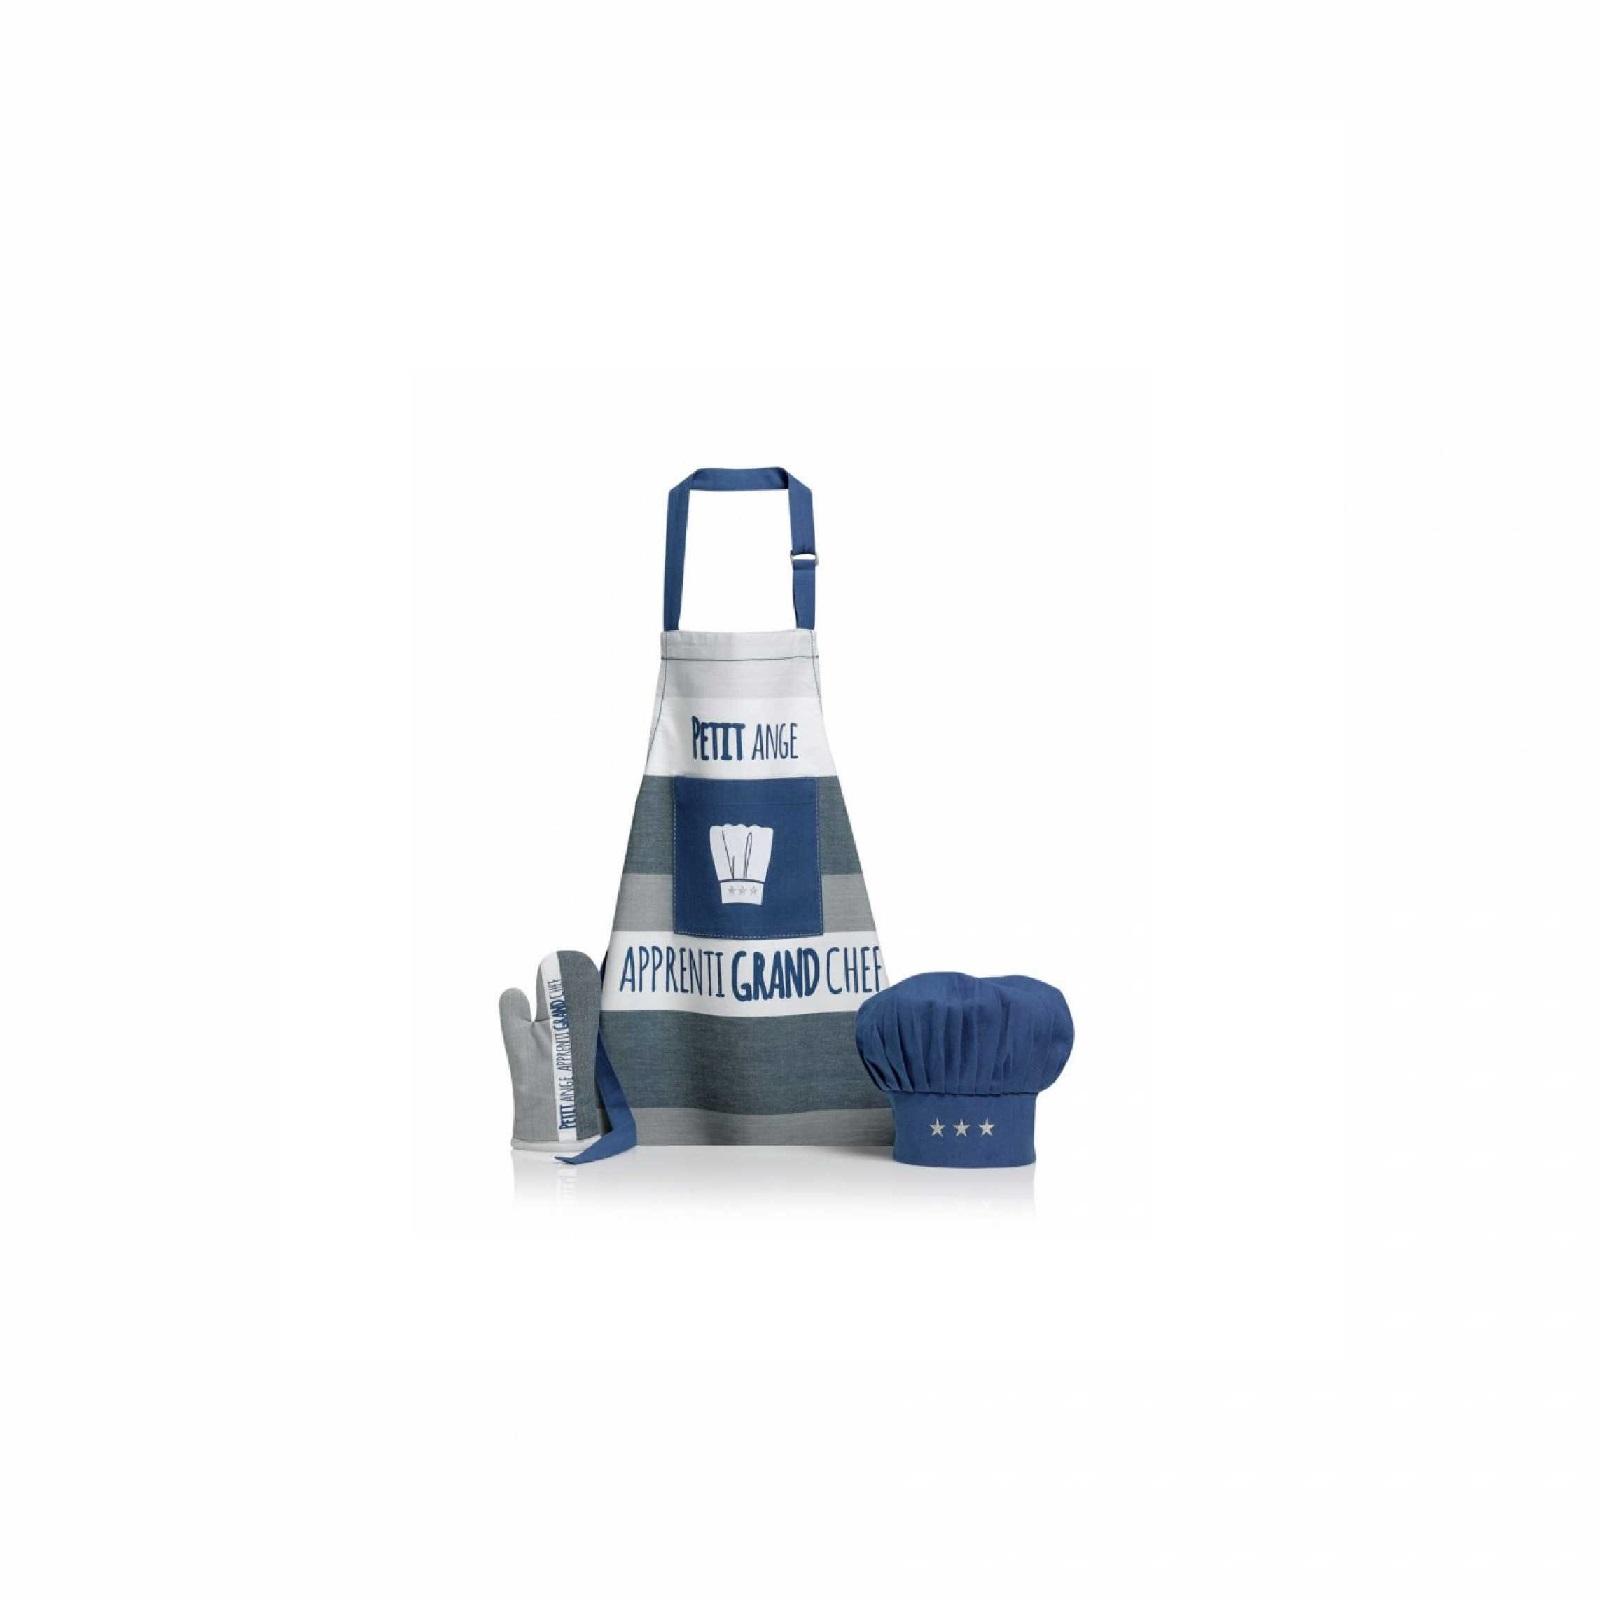 Набор детский, синий с серым Winkler OFFIC, 3 предмета Winkler 7653050103 фото 1